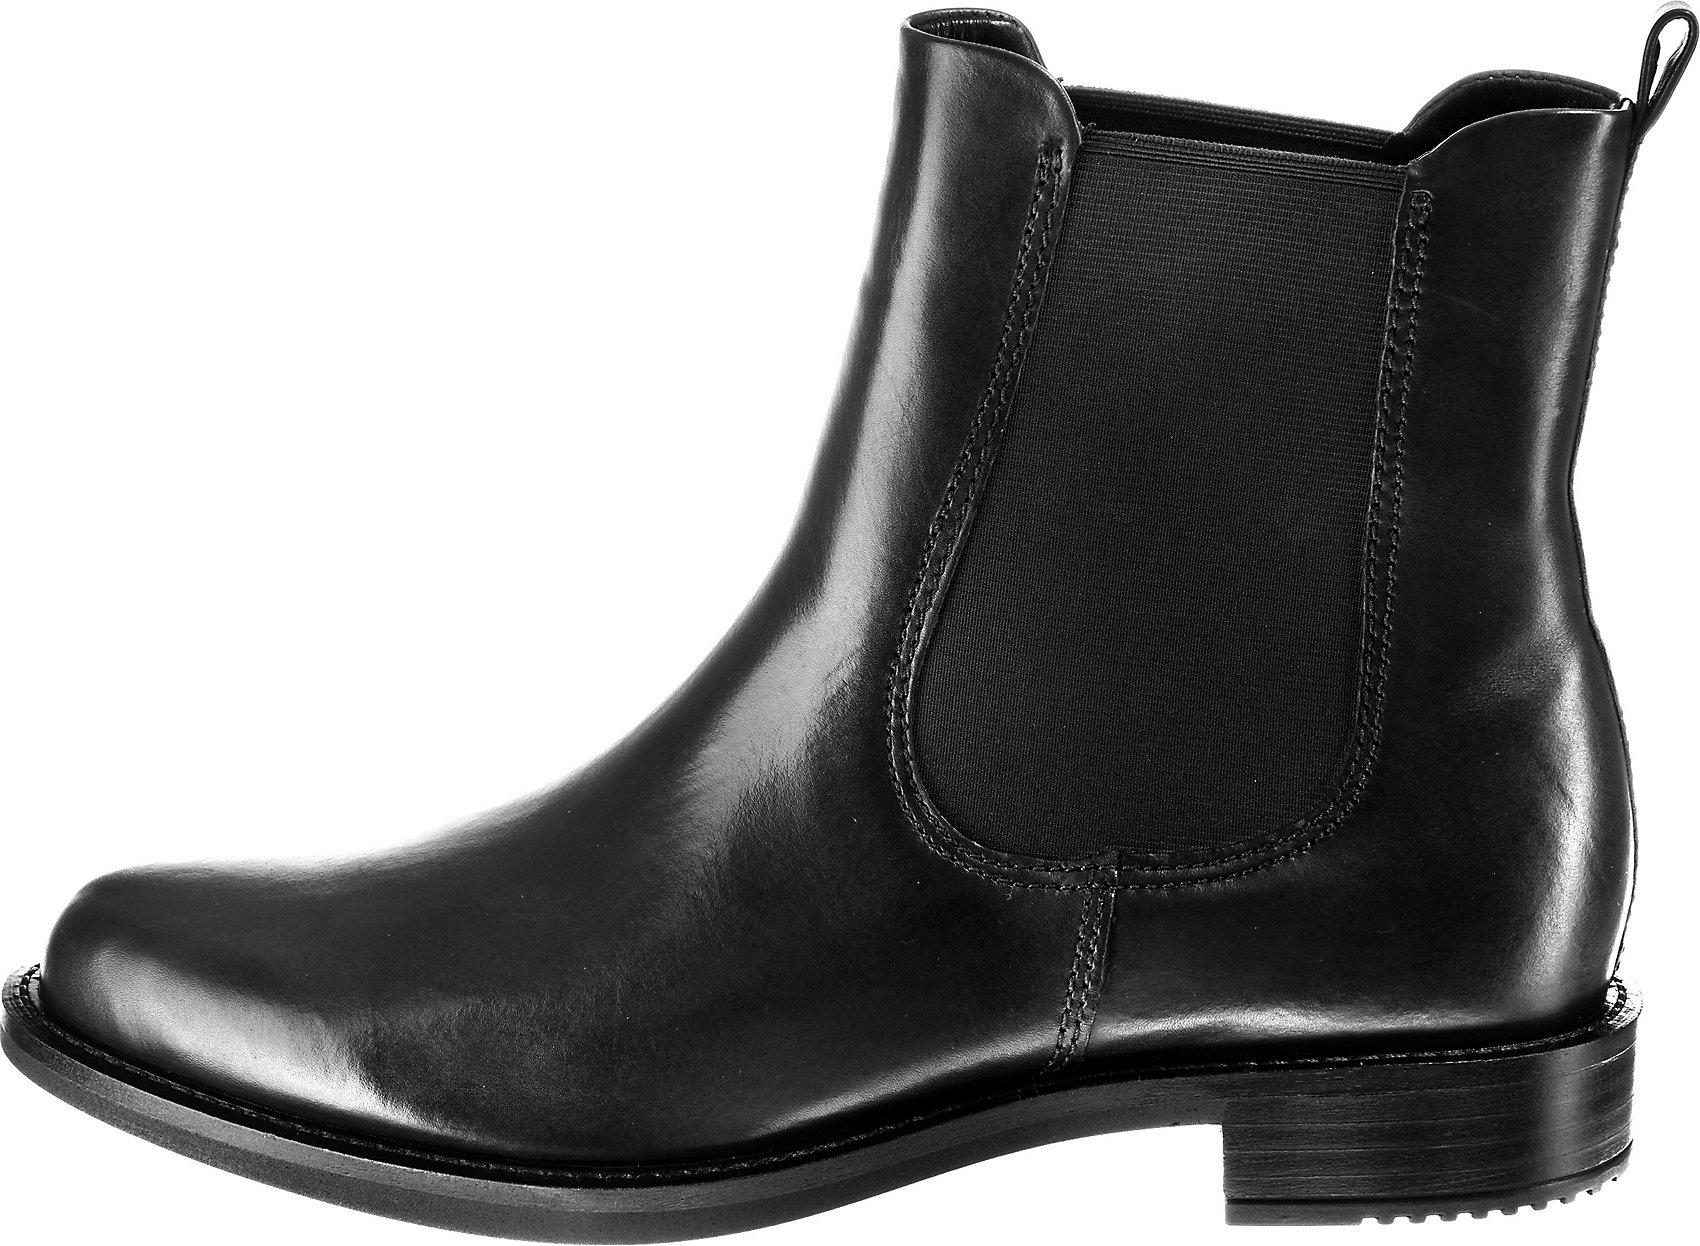 495713bc217bf8 Neu ECCO SARTORELLE 25 Chelsea Boots 8434780 für Damen schwarz braun ...